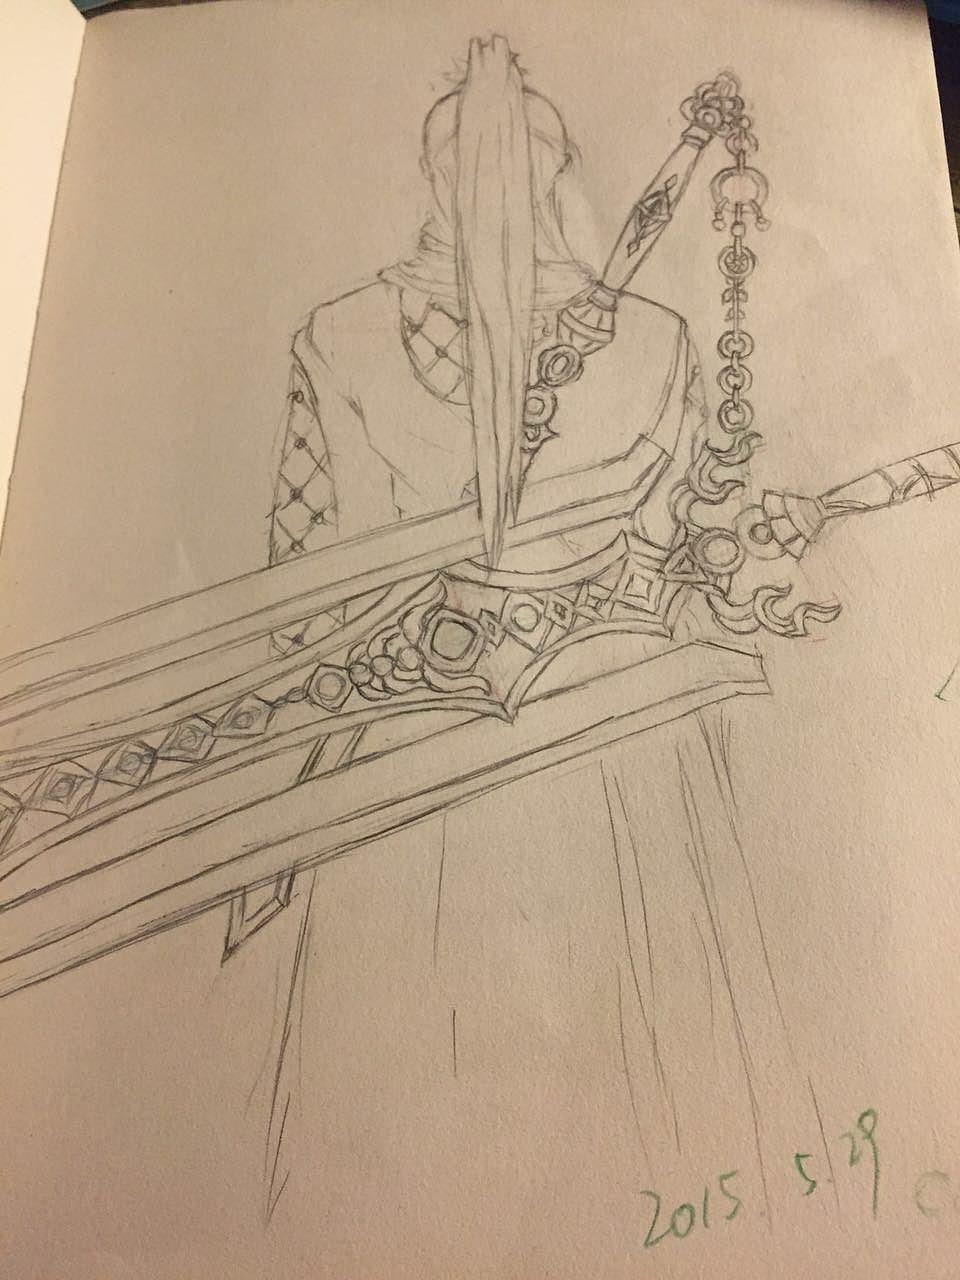 铅笔手绘剑网三武器|插画|涂鸦/潮流|yaya137 - 原创